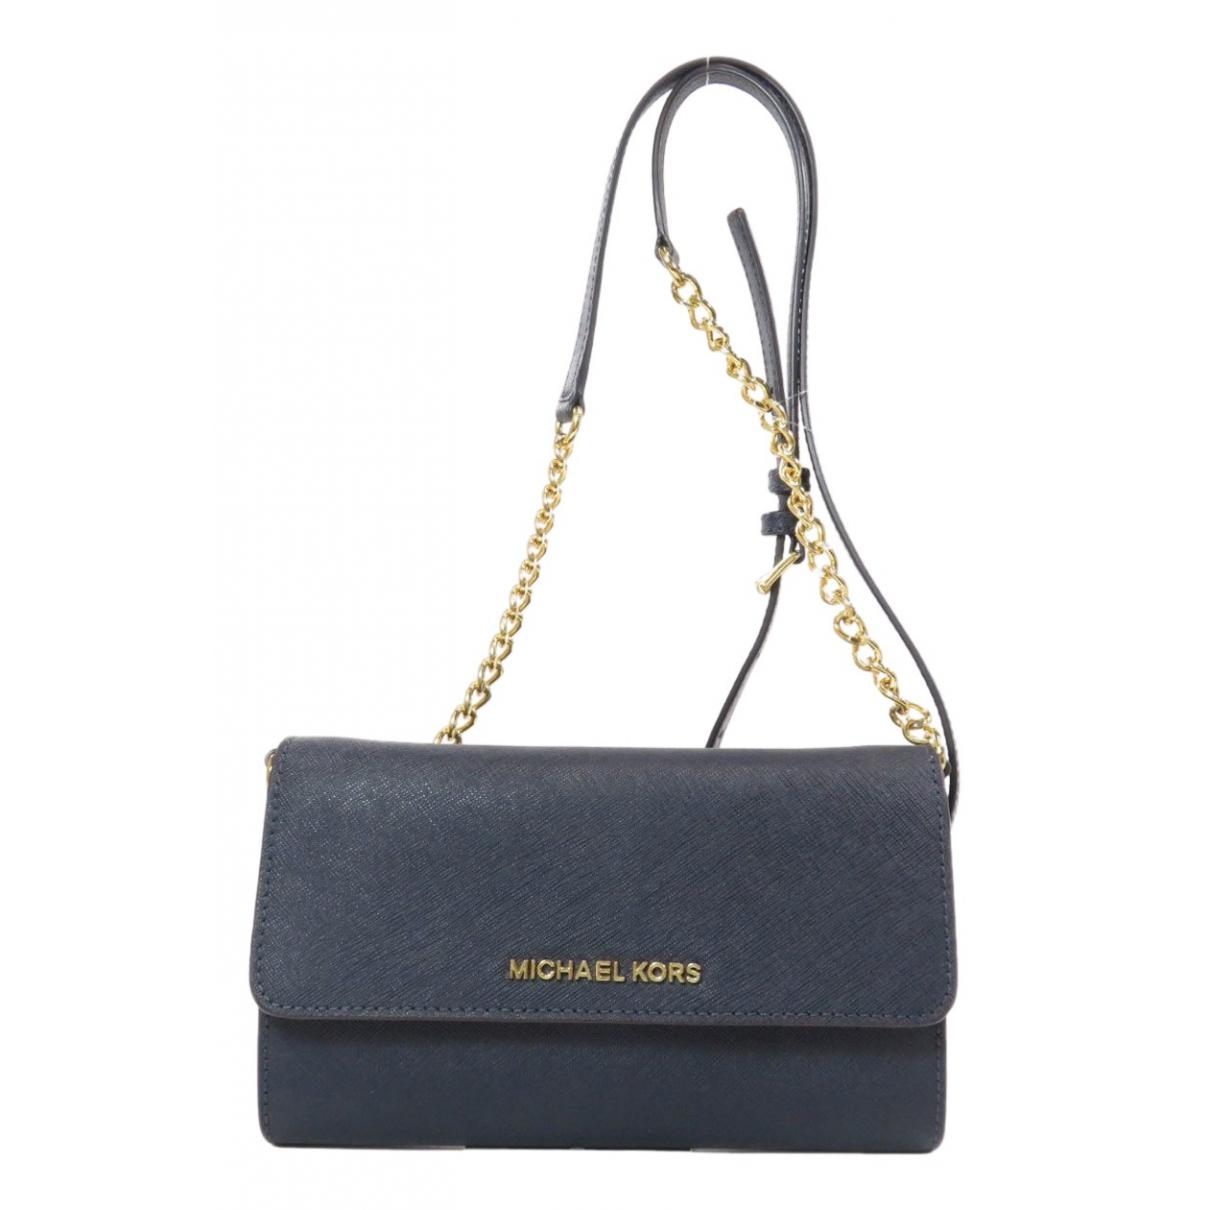 Michael Kors \N Navy Leather handbag for Women \N